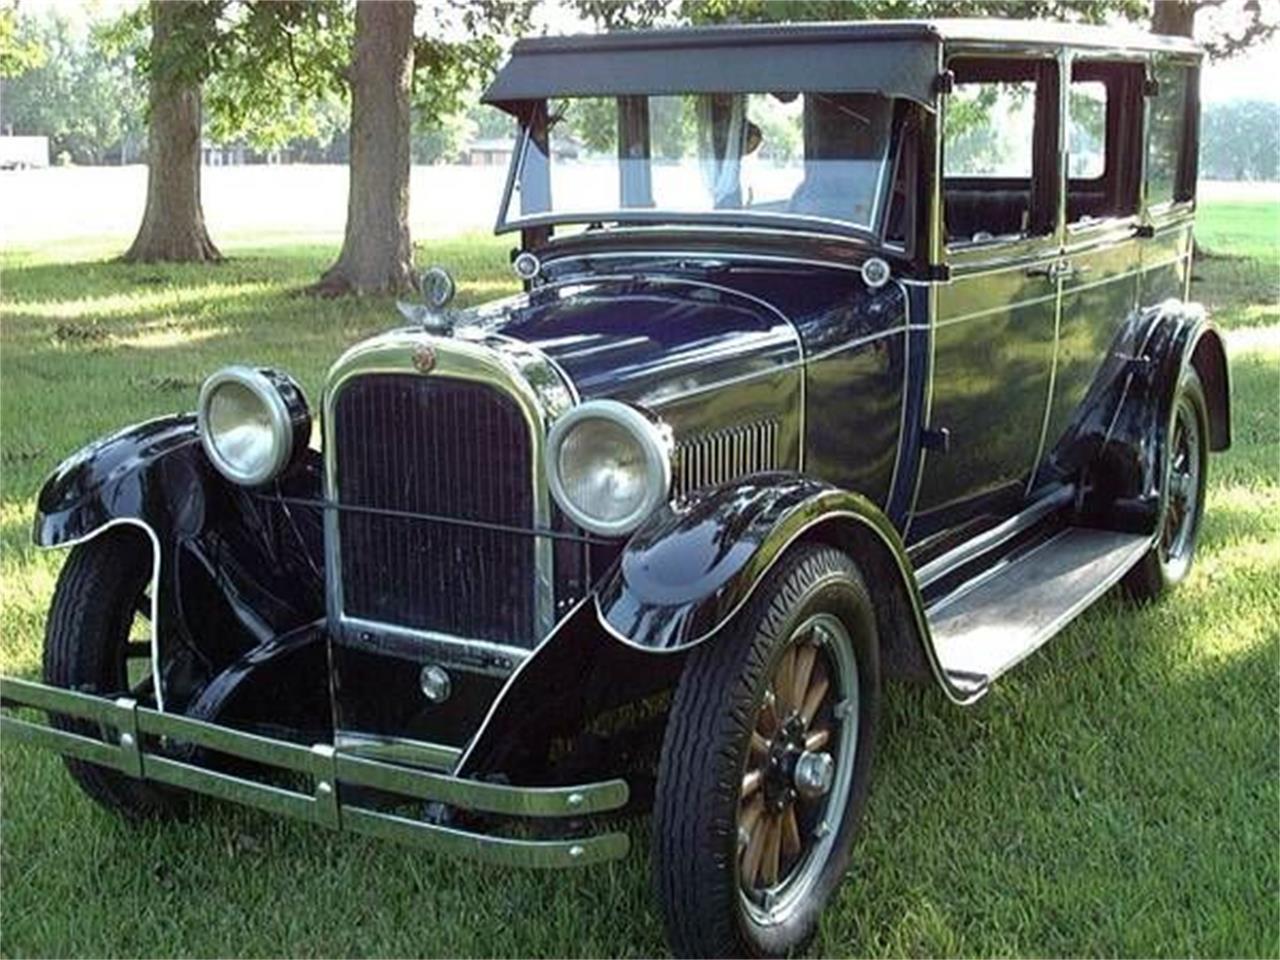 Handsome antique 1926 Chevrolet Superior Series V Roadster